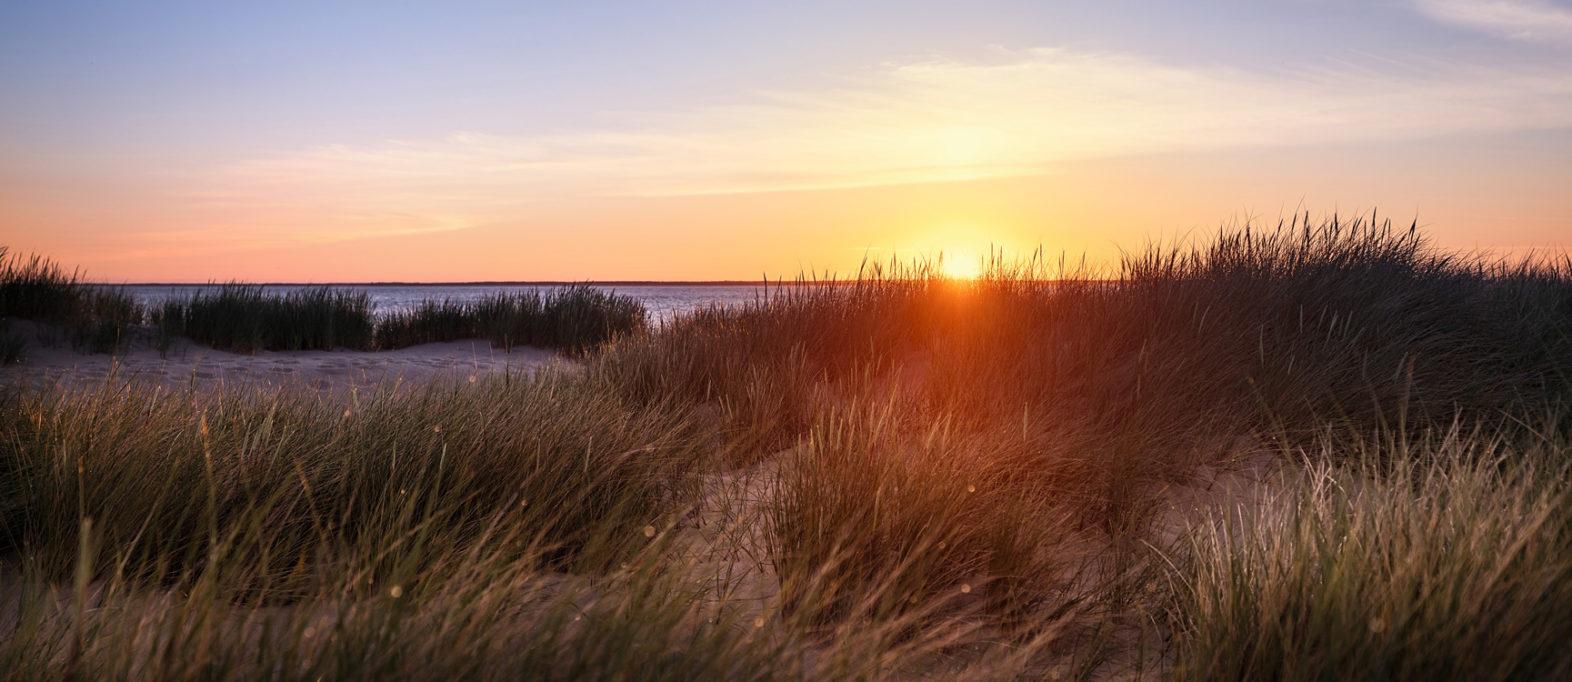 List auf Sylt in Norden: Sehenswerte Orte mit Tipps zum Essen Gehen und Aktivitäten